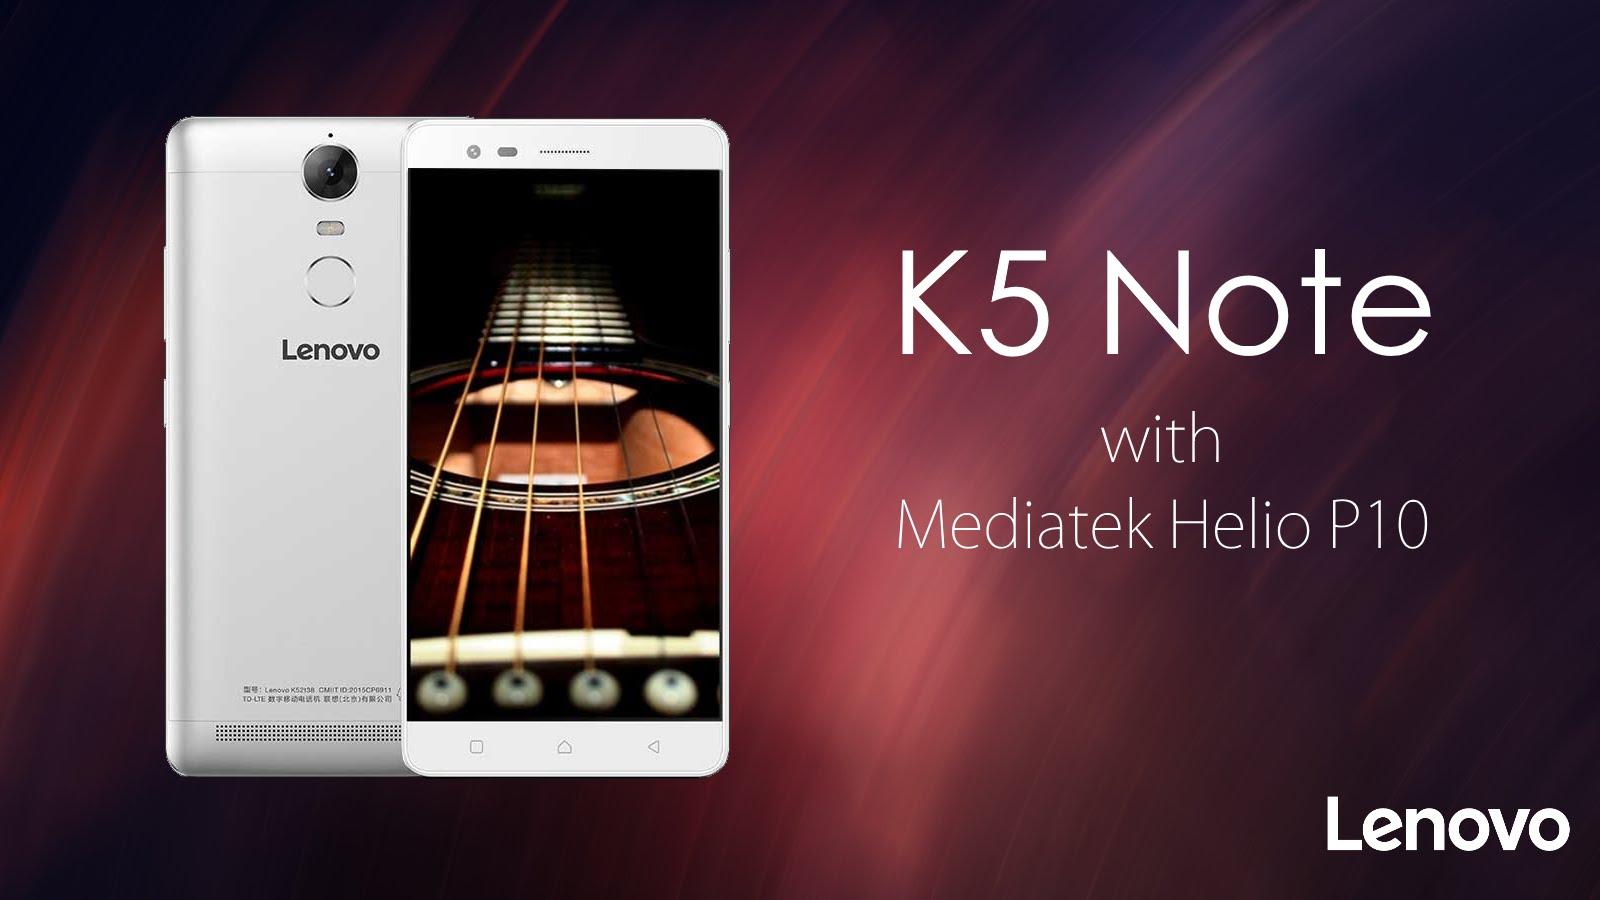 Conoce al Lenovo K5 Note